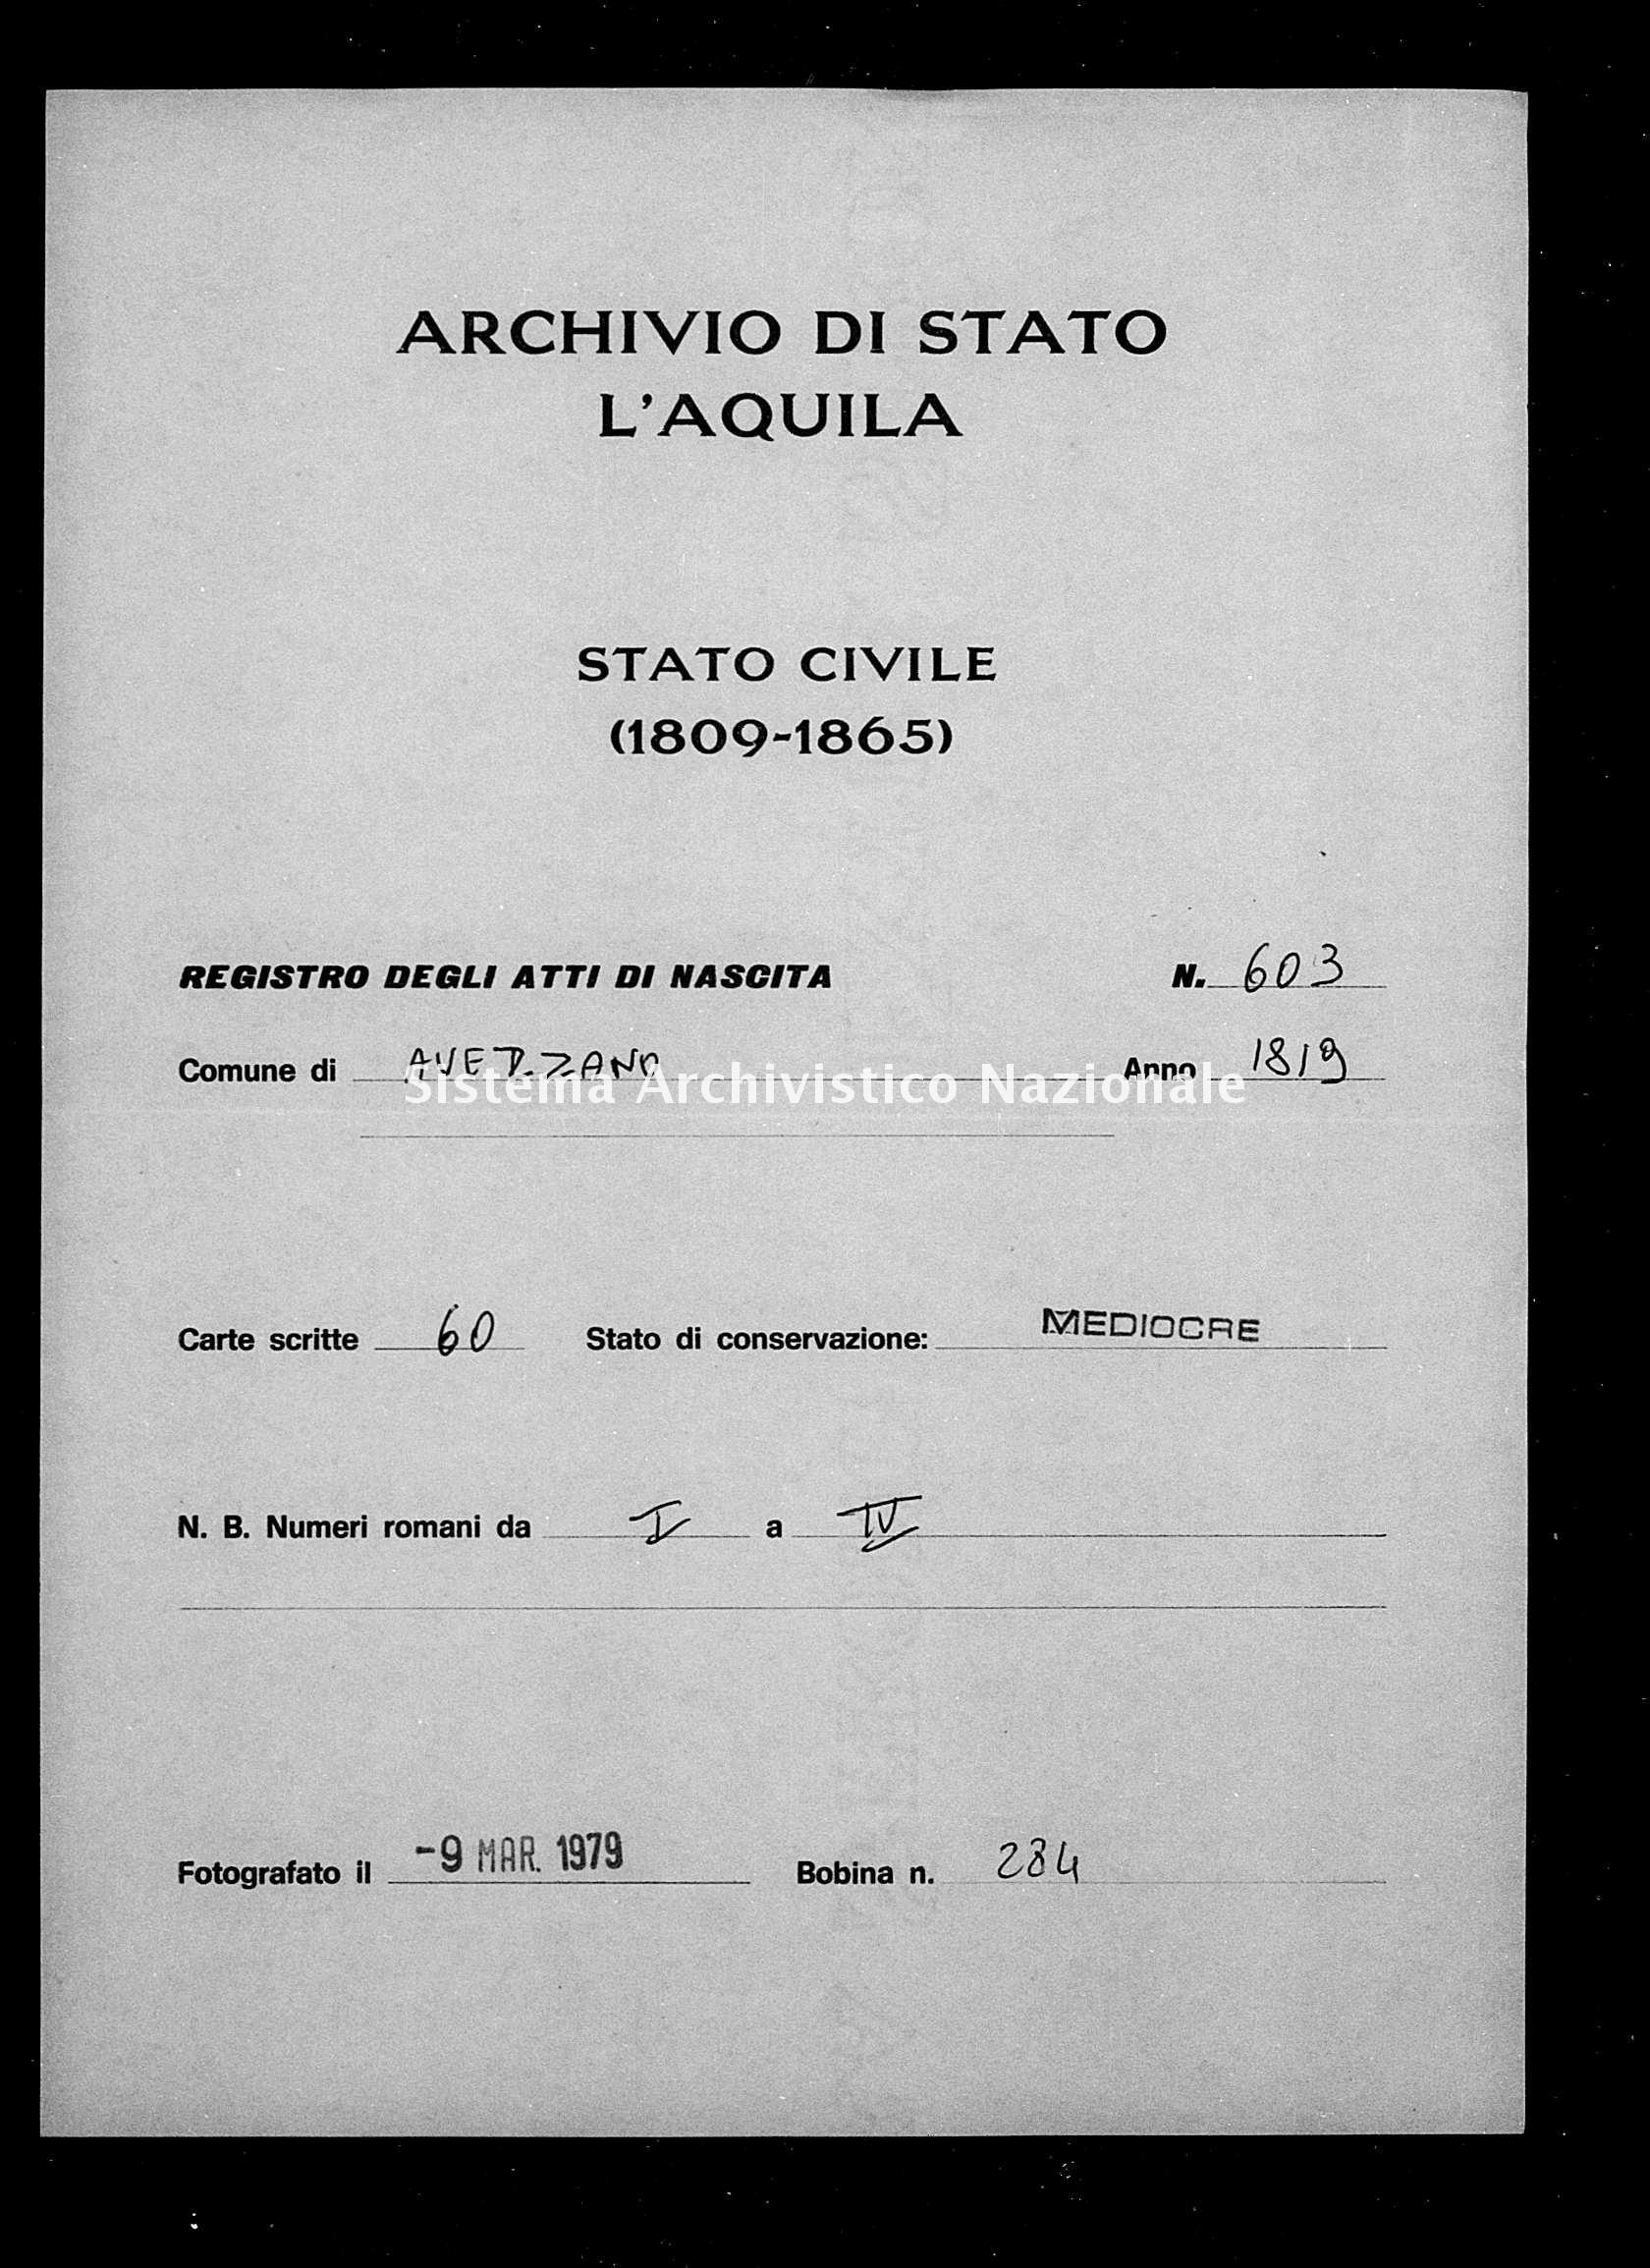 Archivio di stato di L'aquila - Stato civile della restaurazione - Avezzano - Nati - 1819 - 603 -